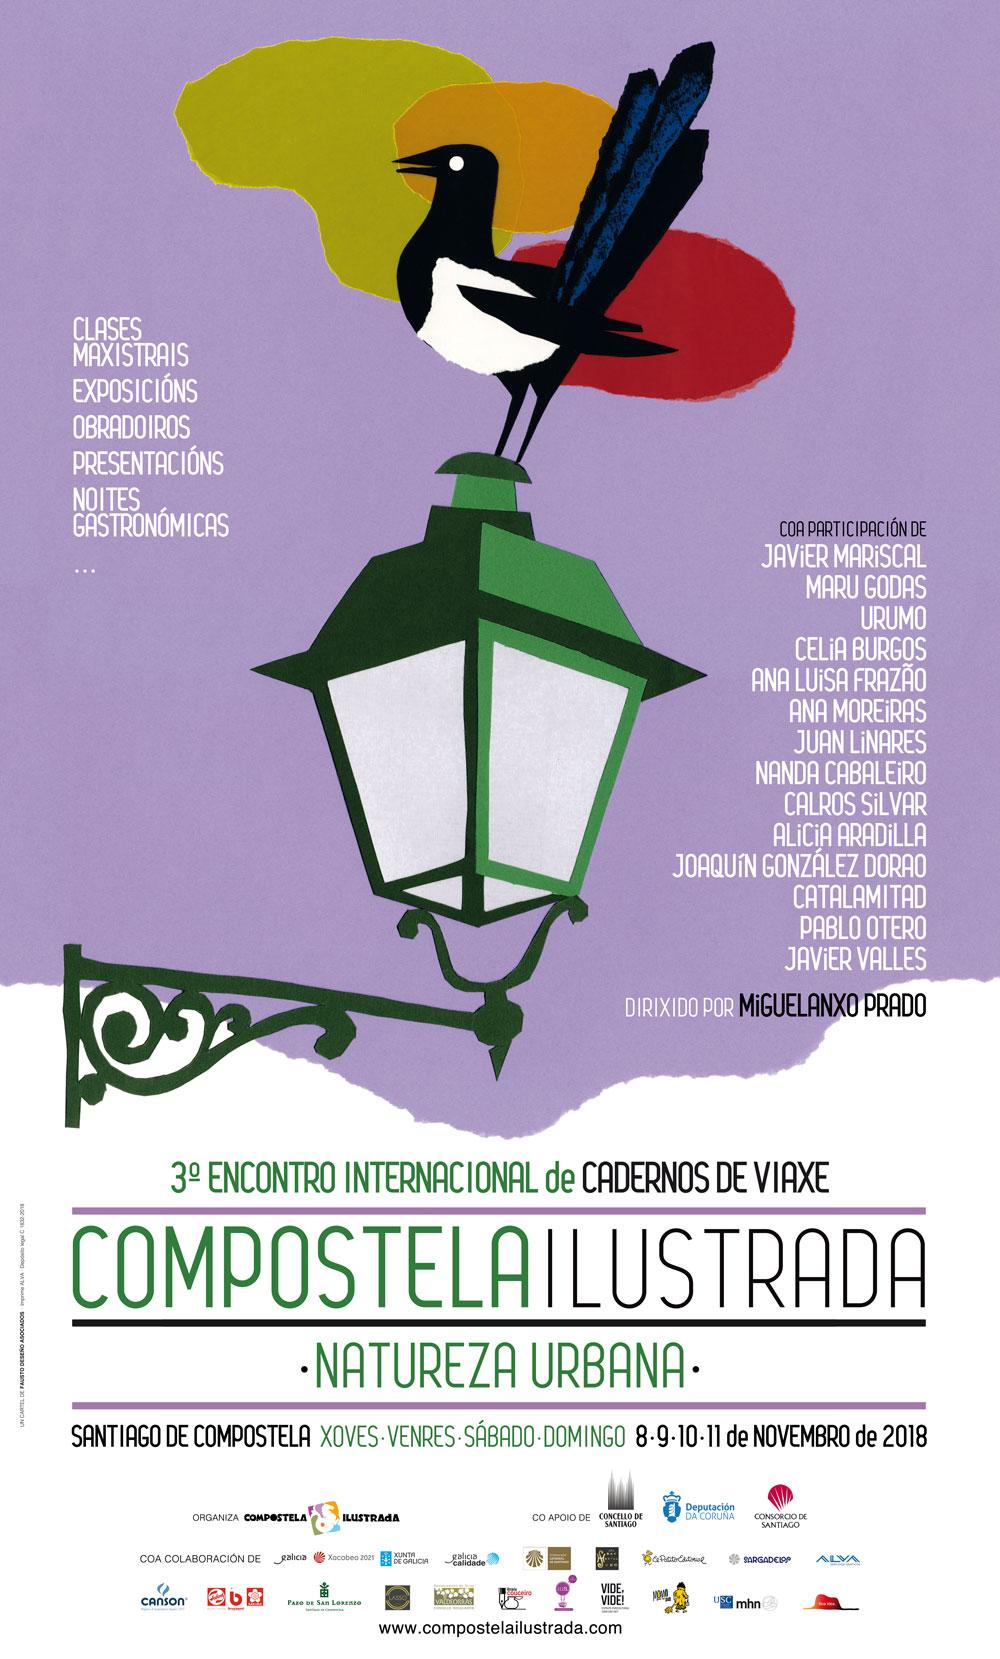 A natureza protagonizará o terceiro encontro Compostela Ilustrada